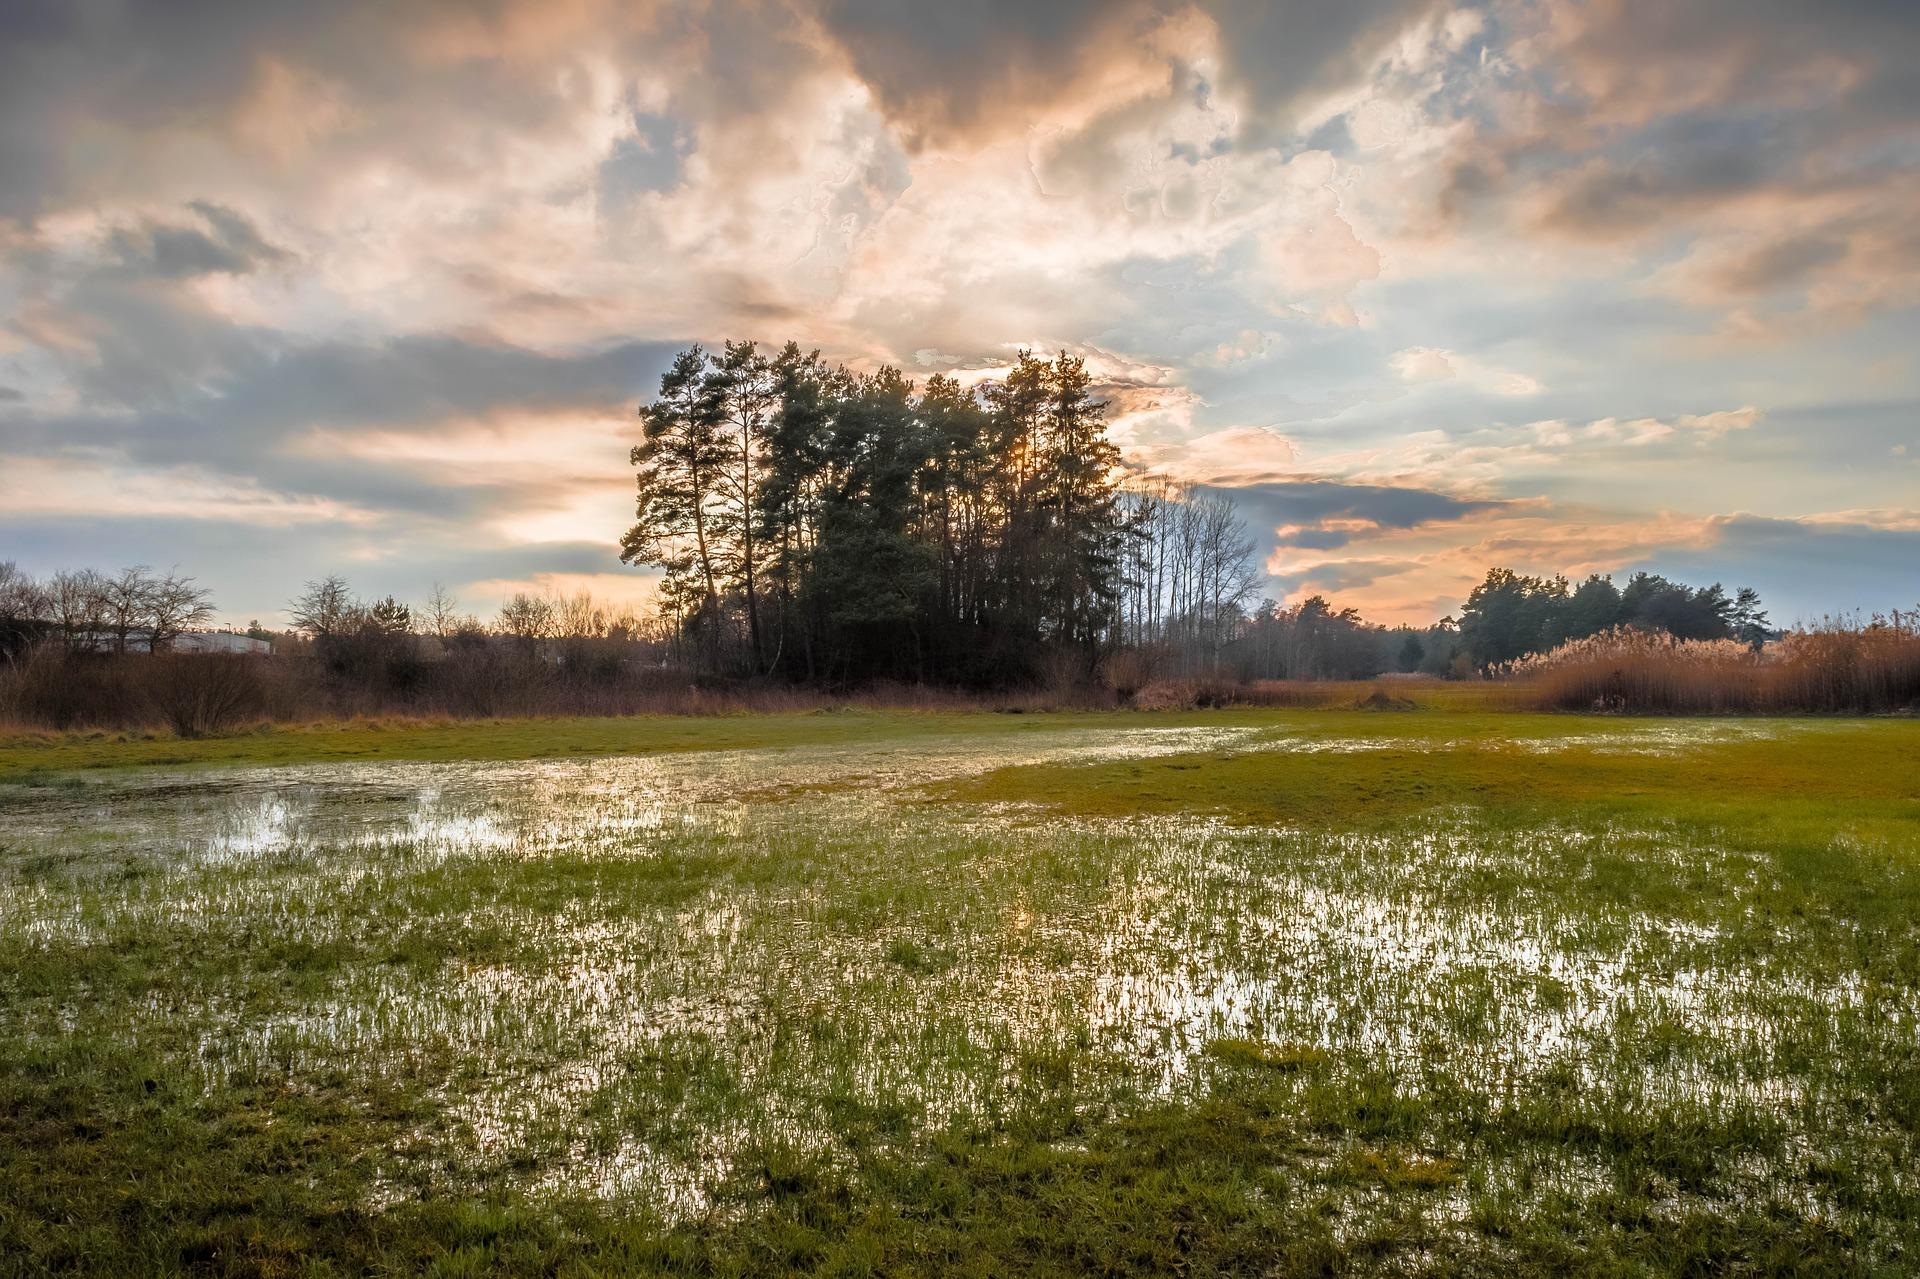 Peaceful Nature, Peace, Nature, Field, Eve, HQ Photo